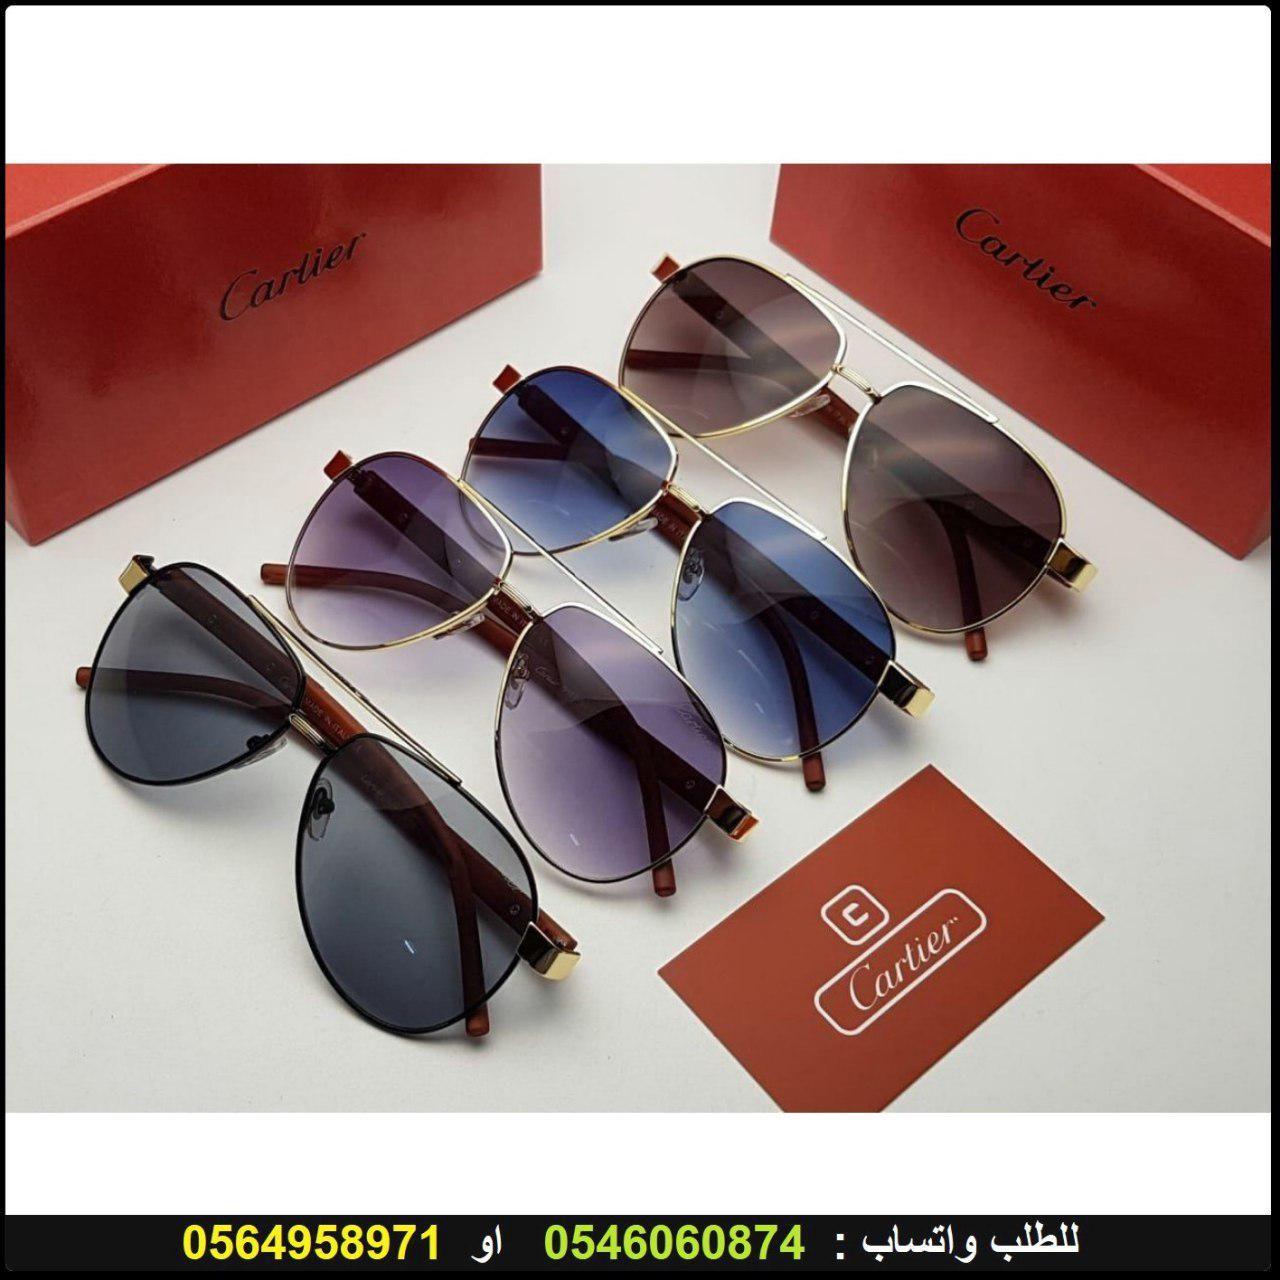 نظارات كارتير رجالي Cartier بدرجه اولى مع كامل الملحقات و بنفس اسم الماركه Glasses Sunglasses